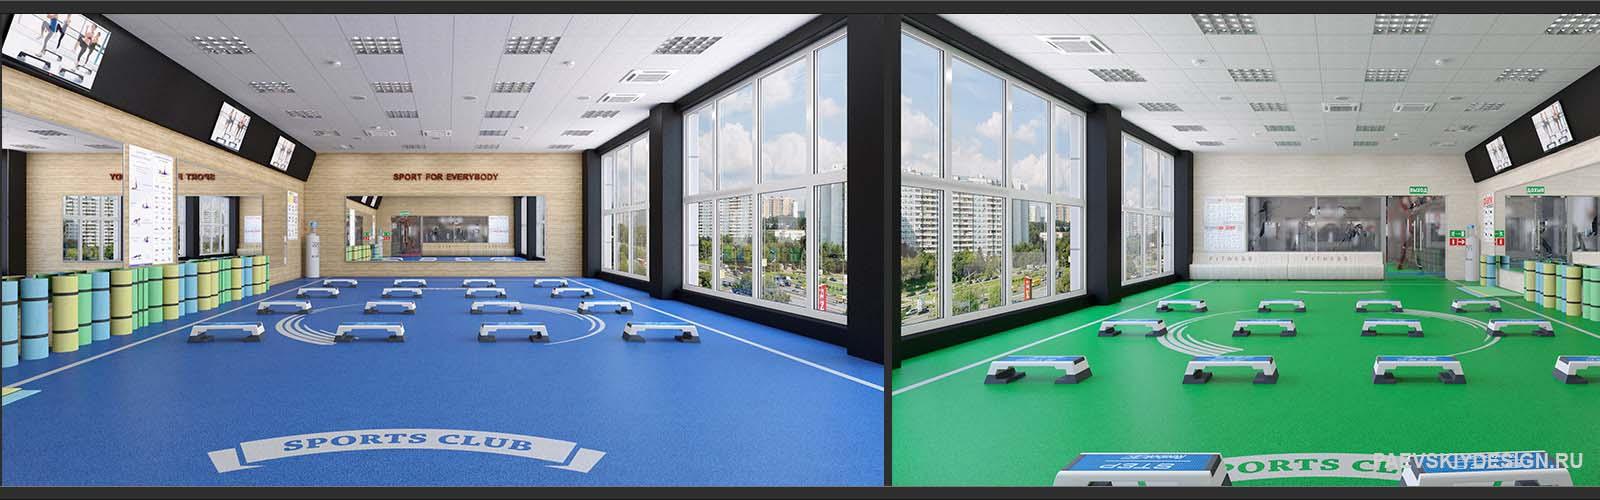 Дизайн тренажерного зала, фитнесс центра, клуба